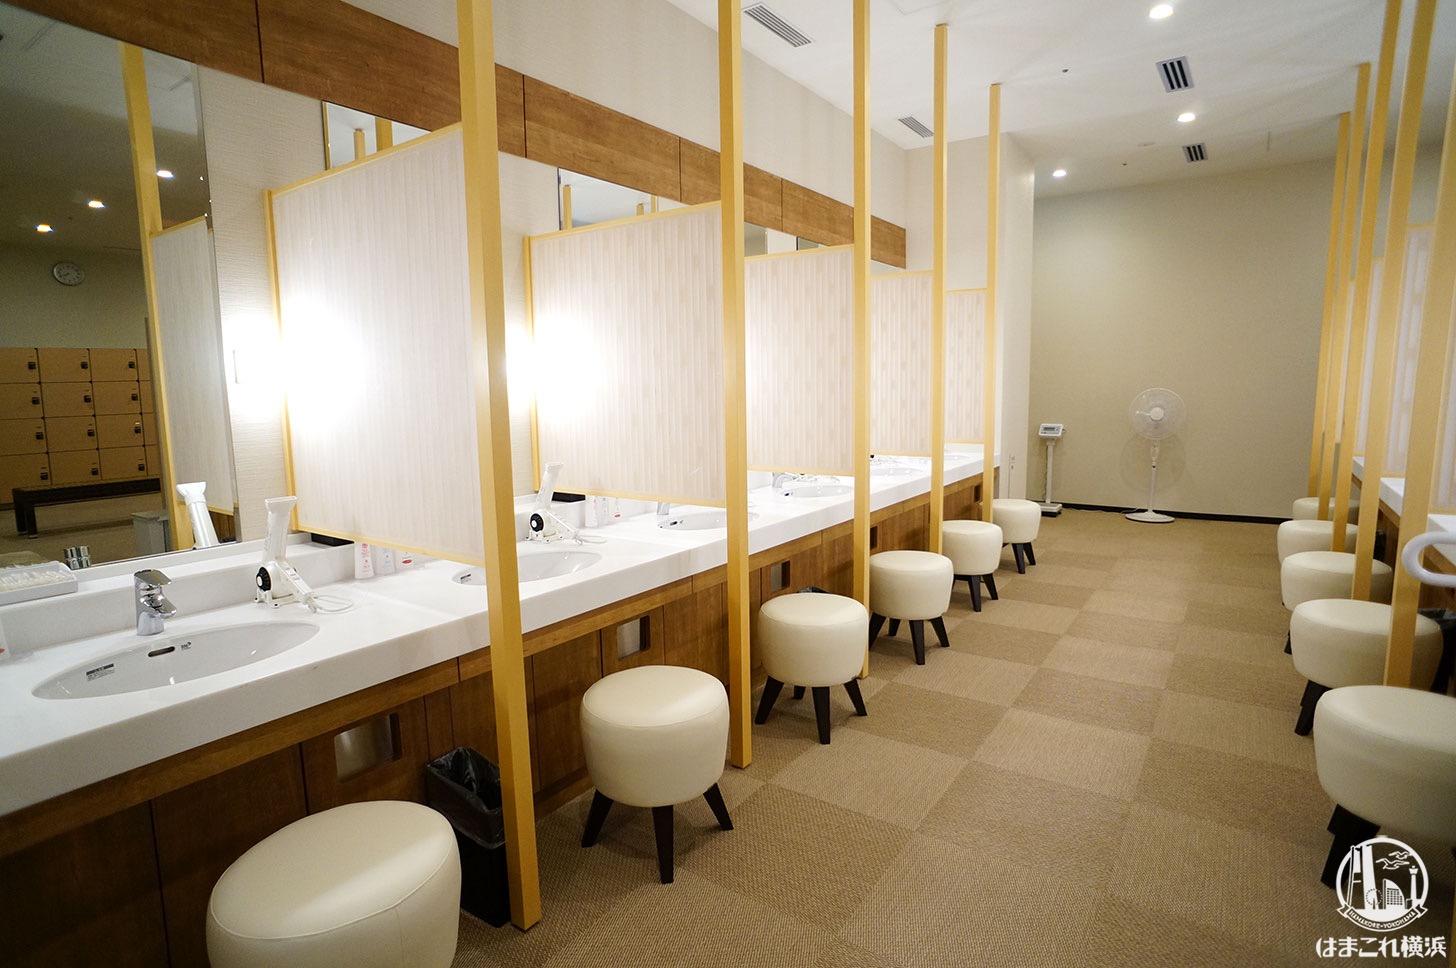 アパホテル&リゾート 横浜ベイタワー 大浴場 洗面台